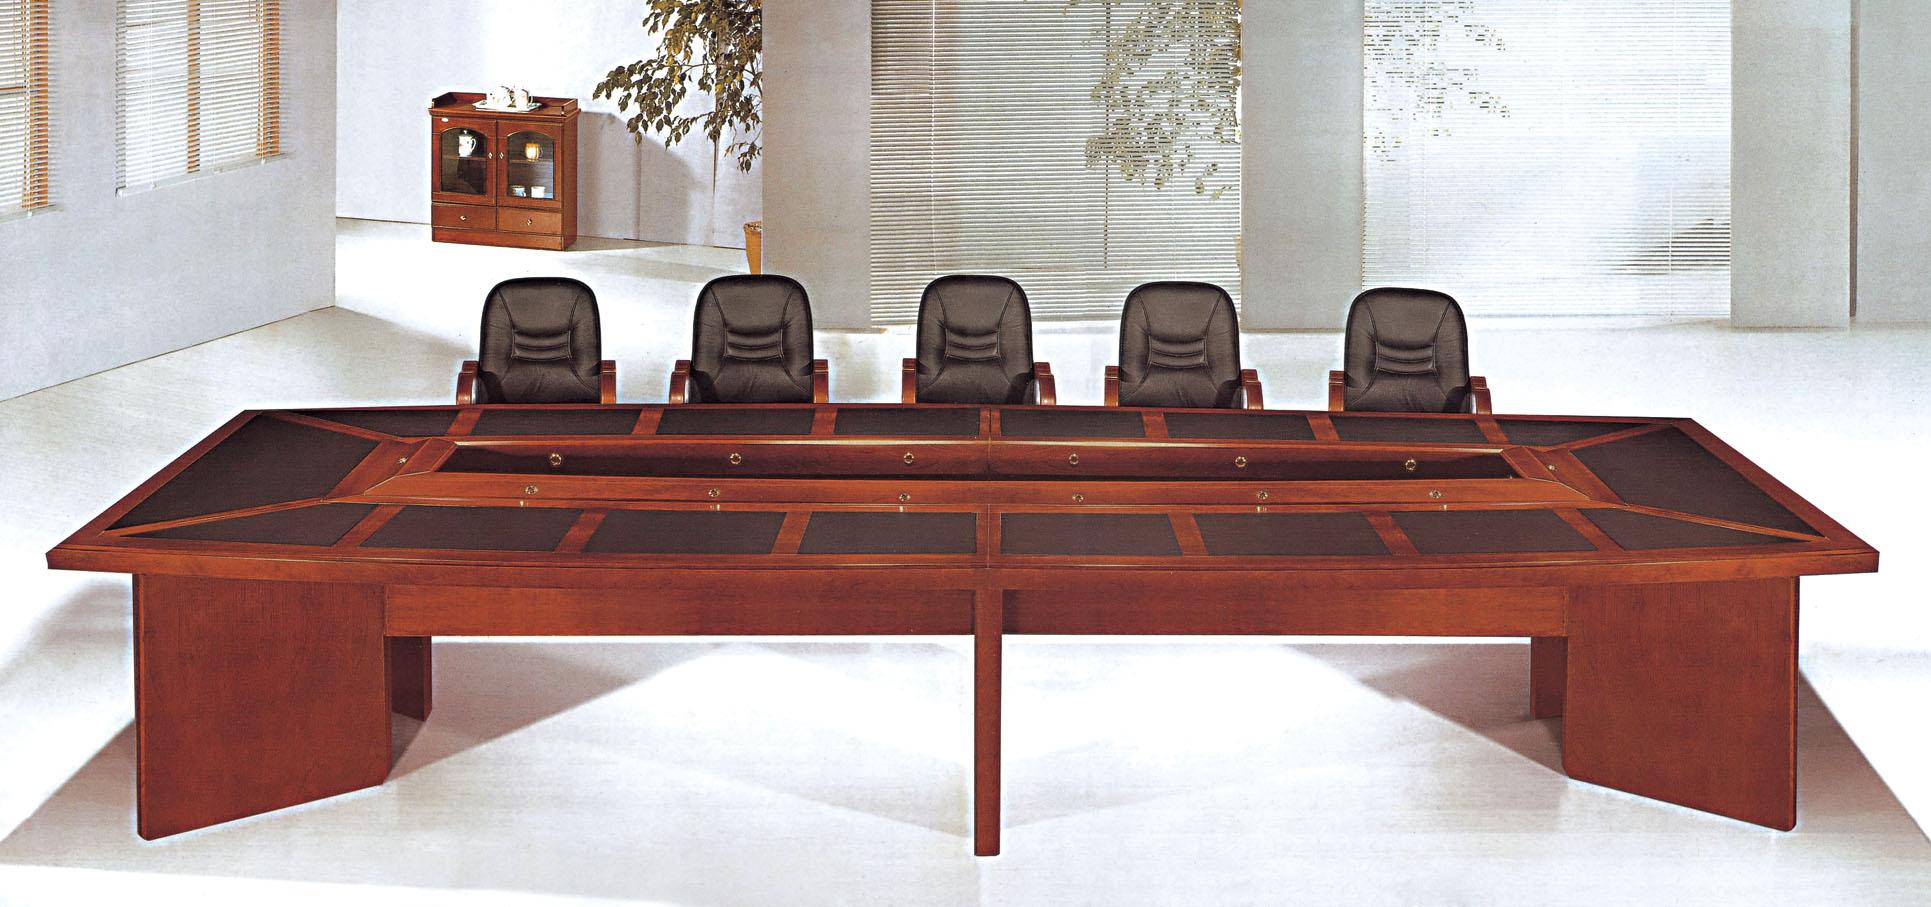 Wooden Conference Desk